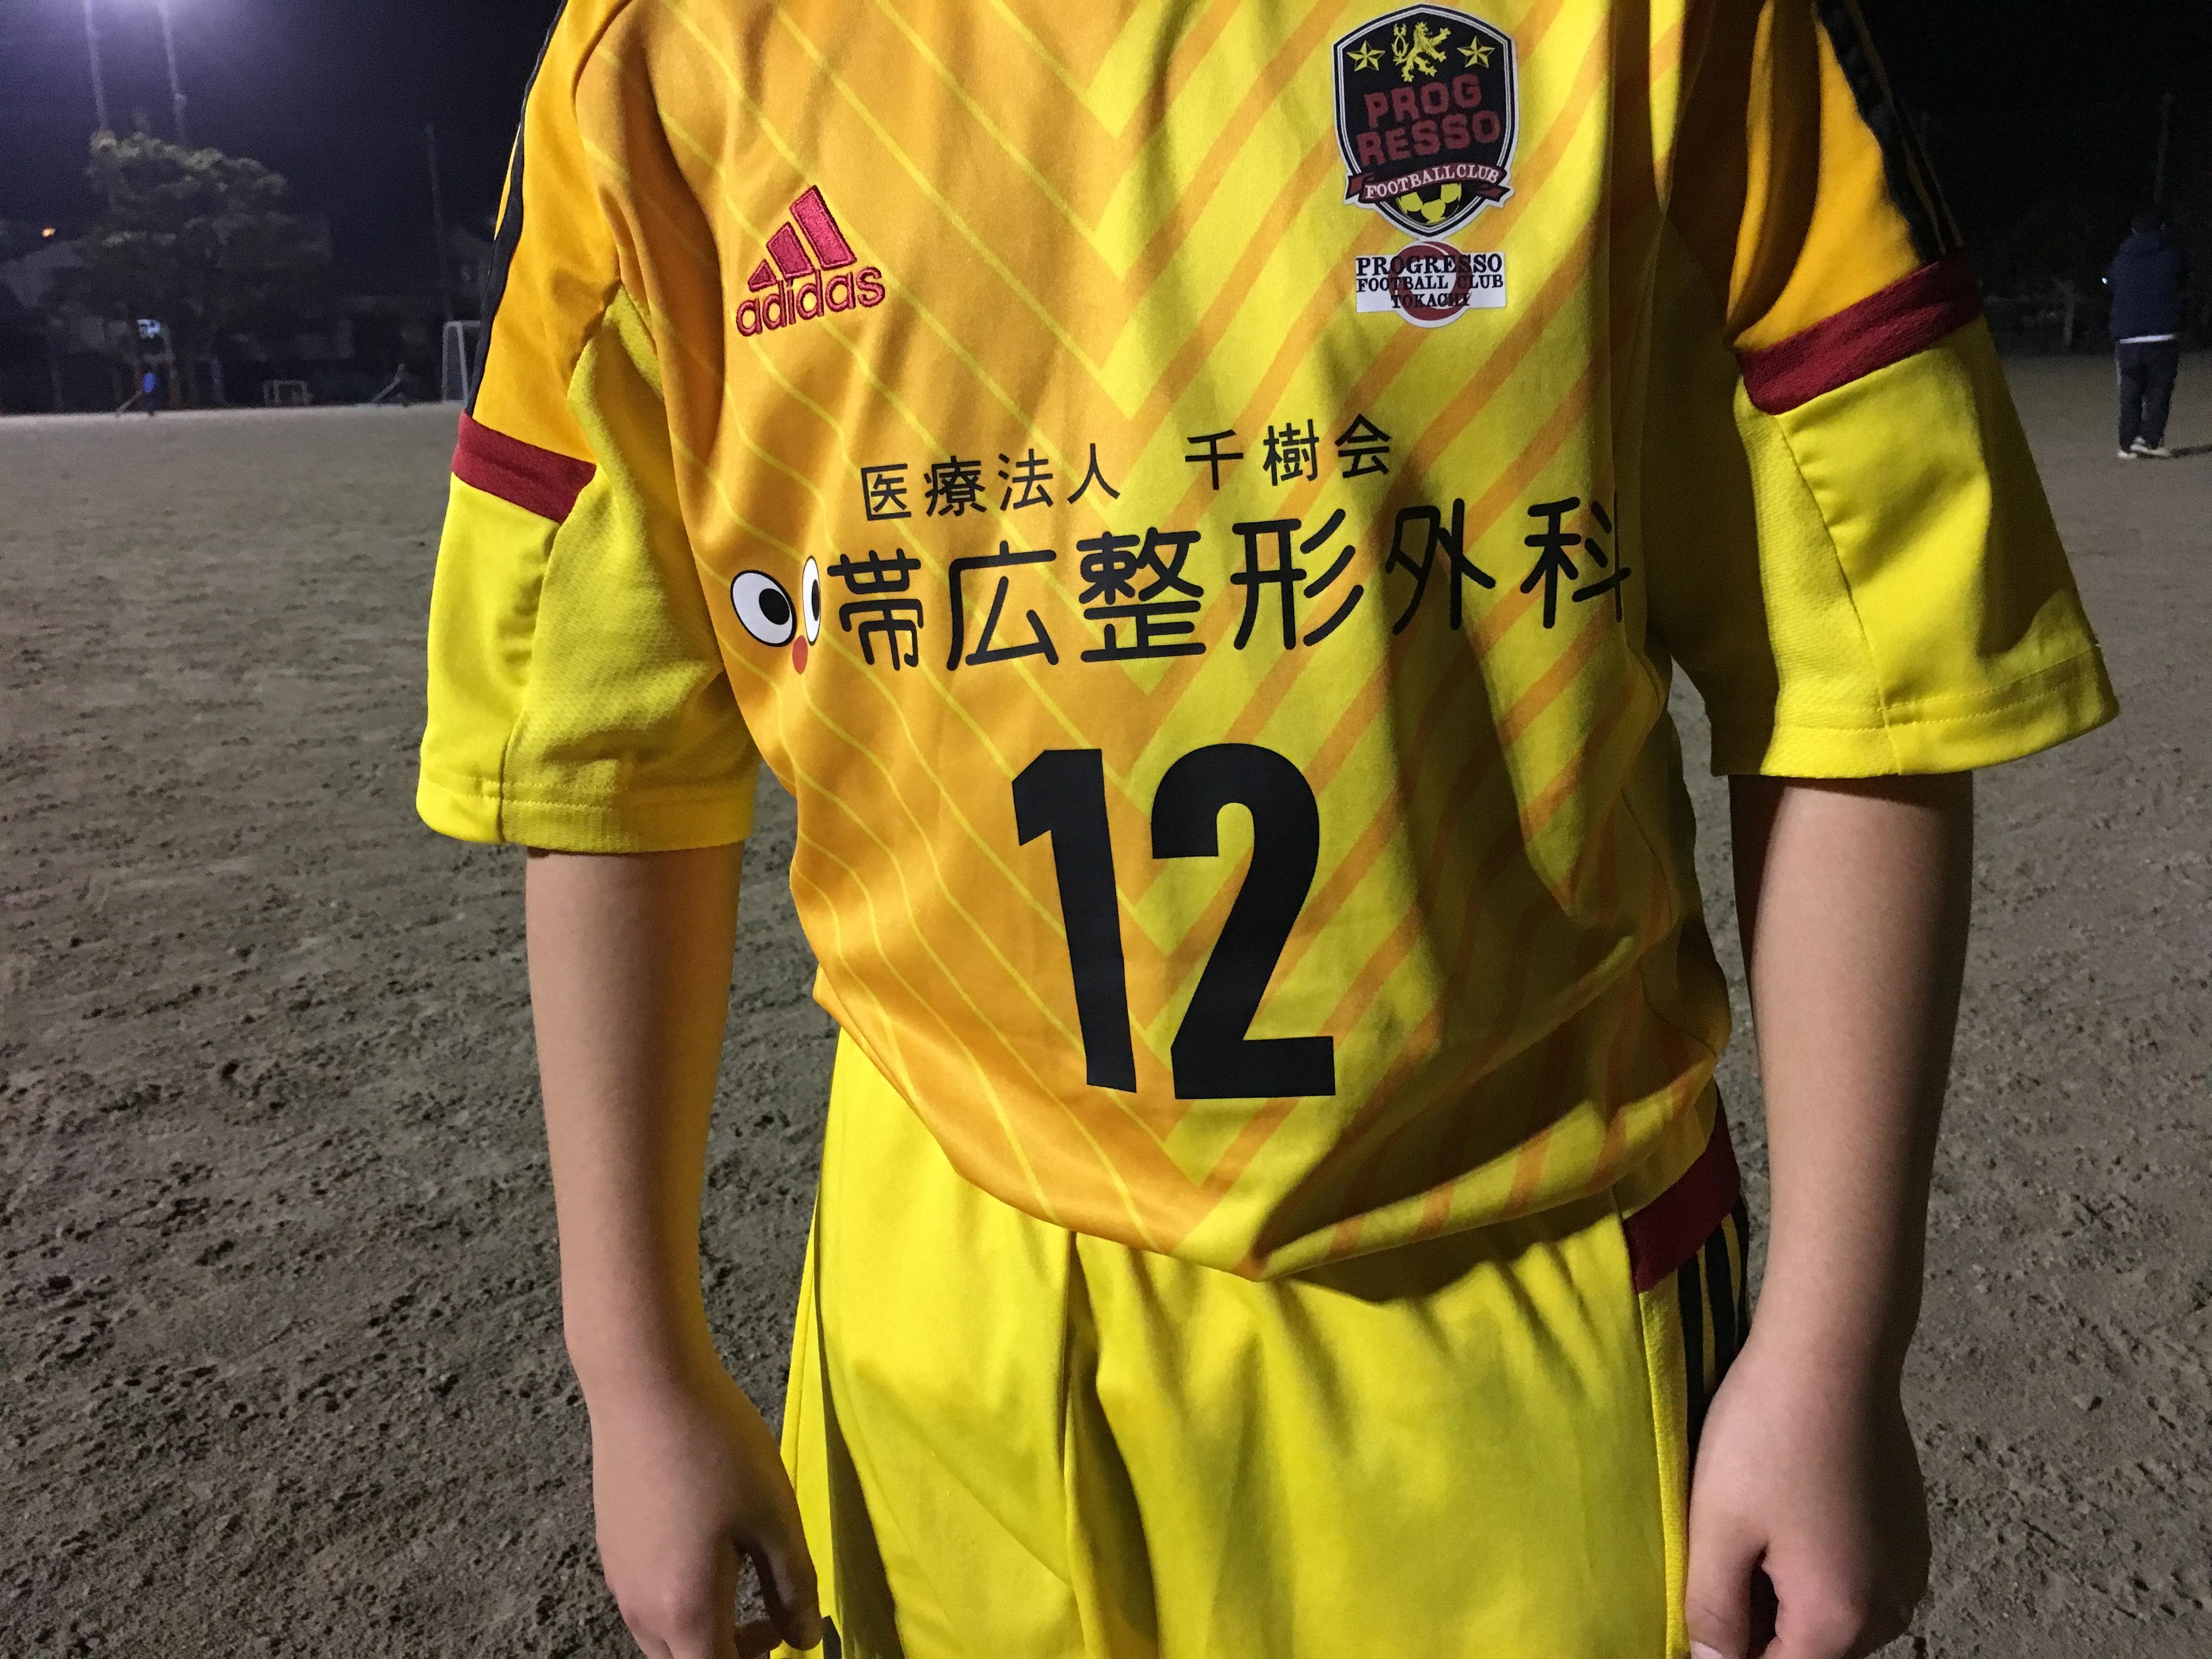 選手向けサッカークリニックを実施。北海道、プログレッソ十勝の選手達へ。